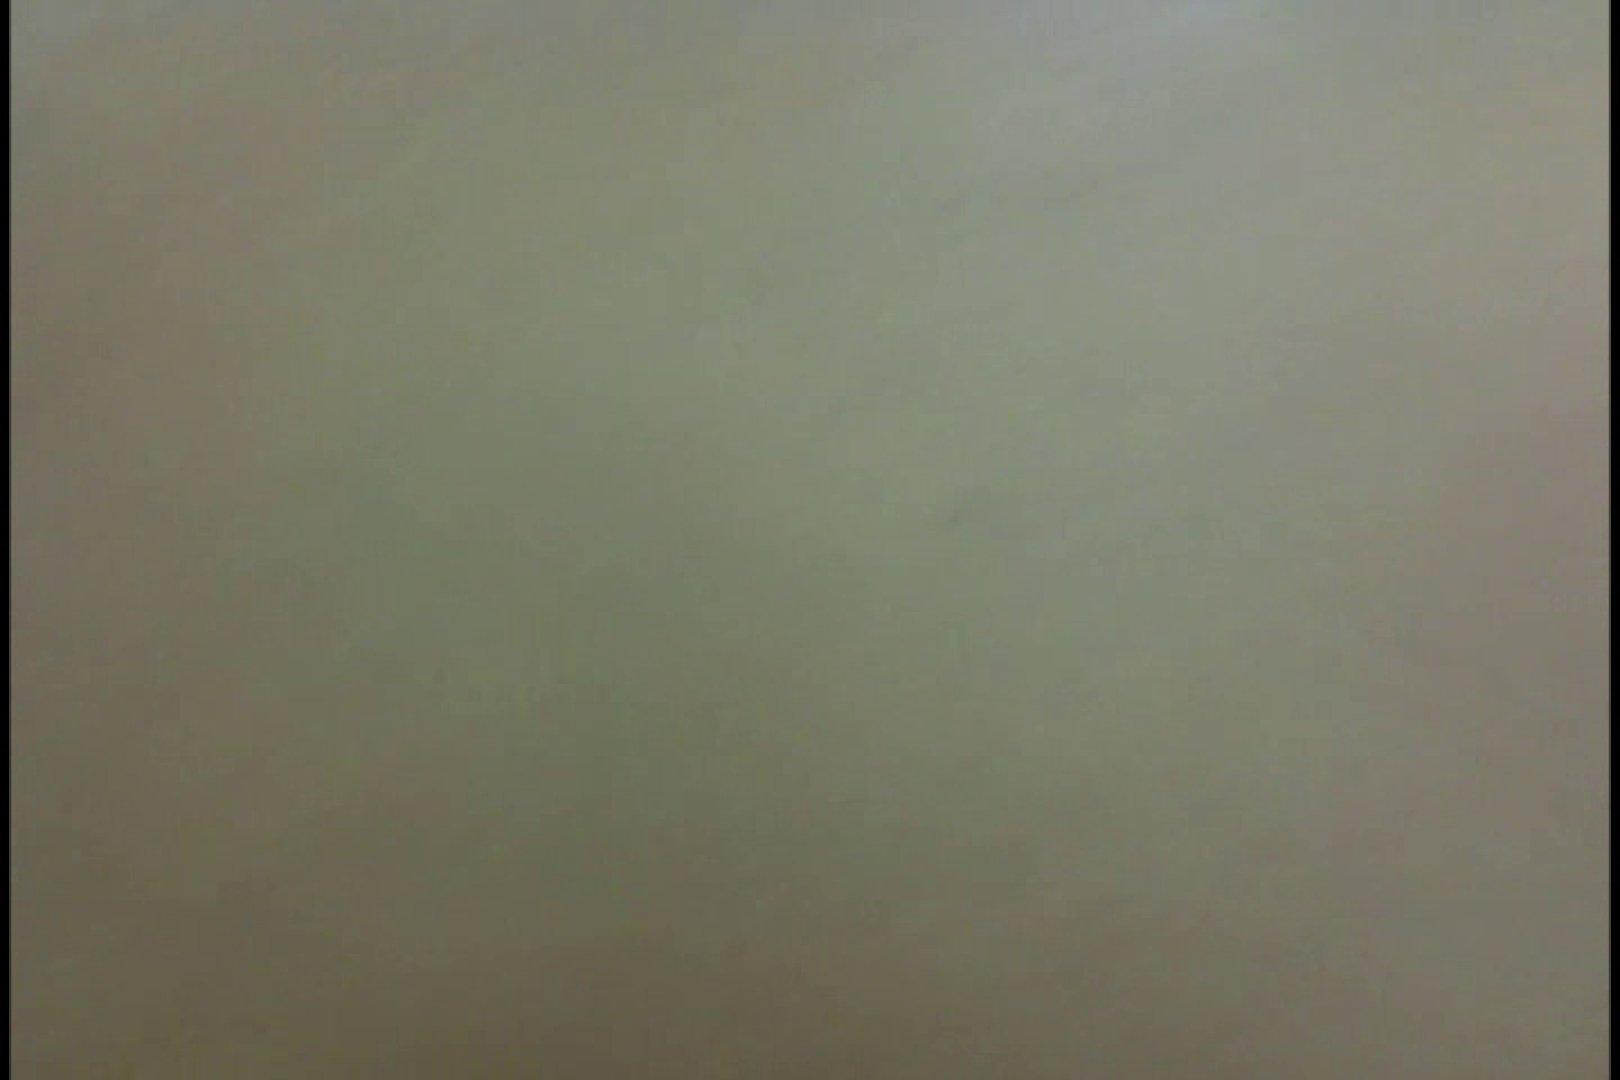 投稿!山下さんの闘病日記 彼女と静かに69 vol.05 フェラ AV動画キャプチャ 85PICs 47